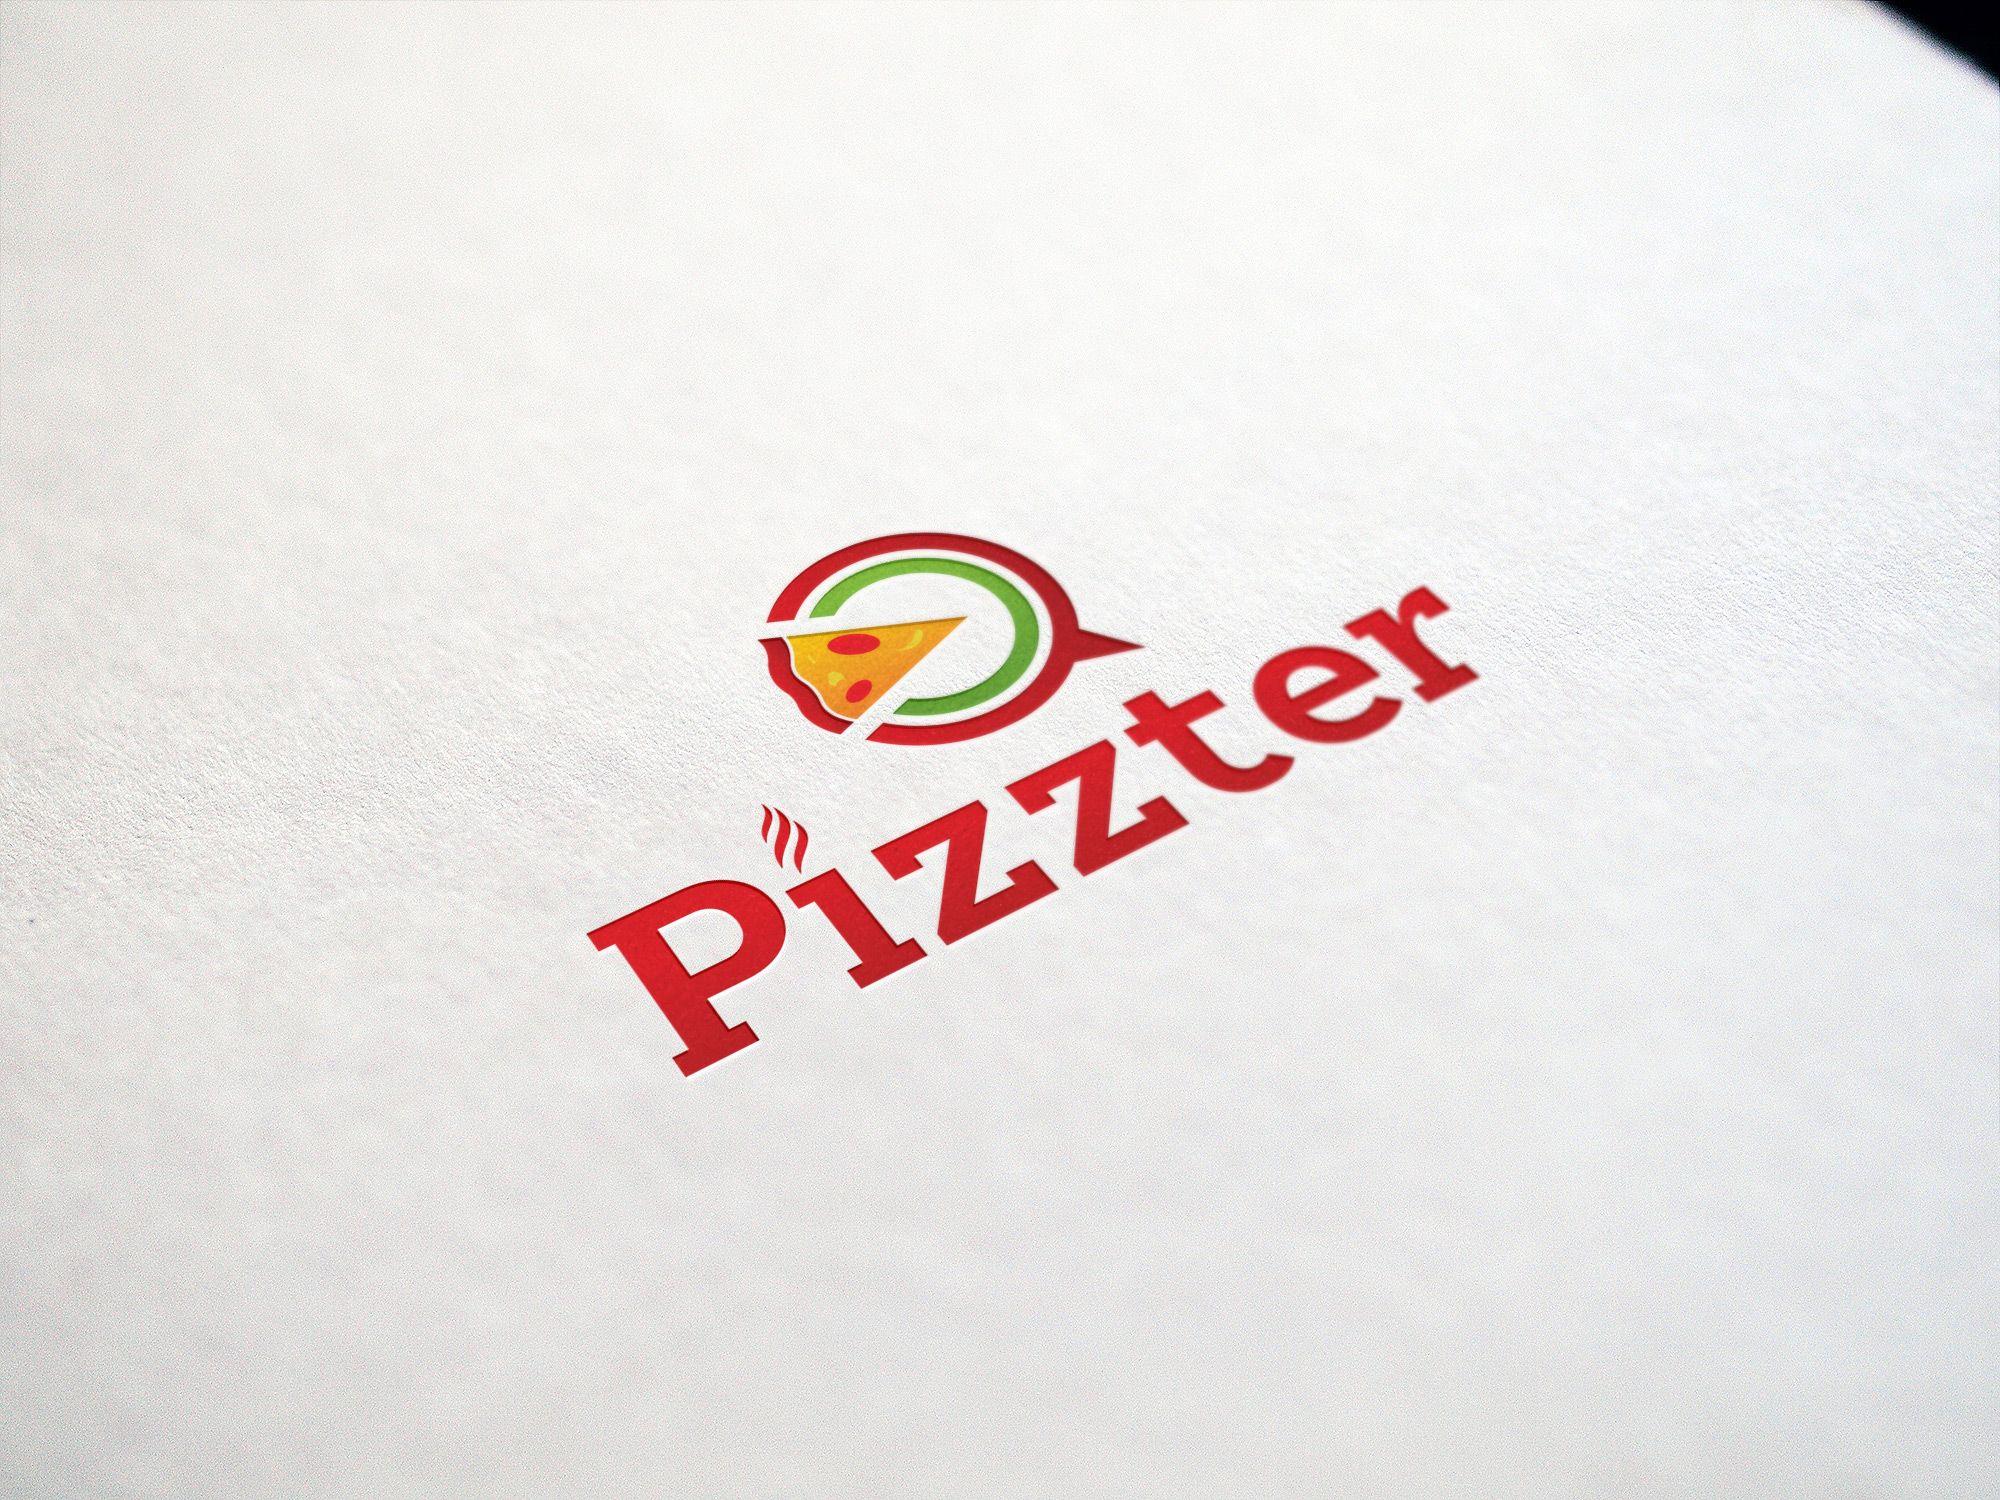 Доставка, кафе пиццы, сендвичей, бургеров. - дизайнер vadimsoloviev